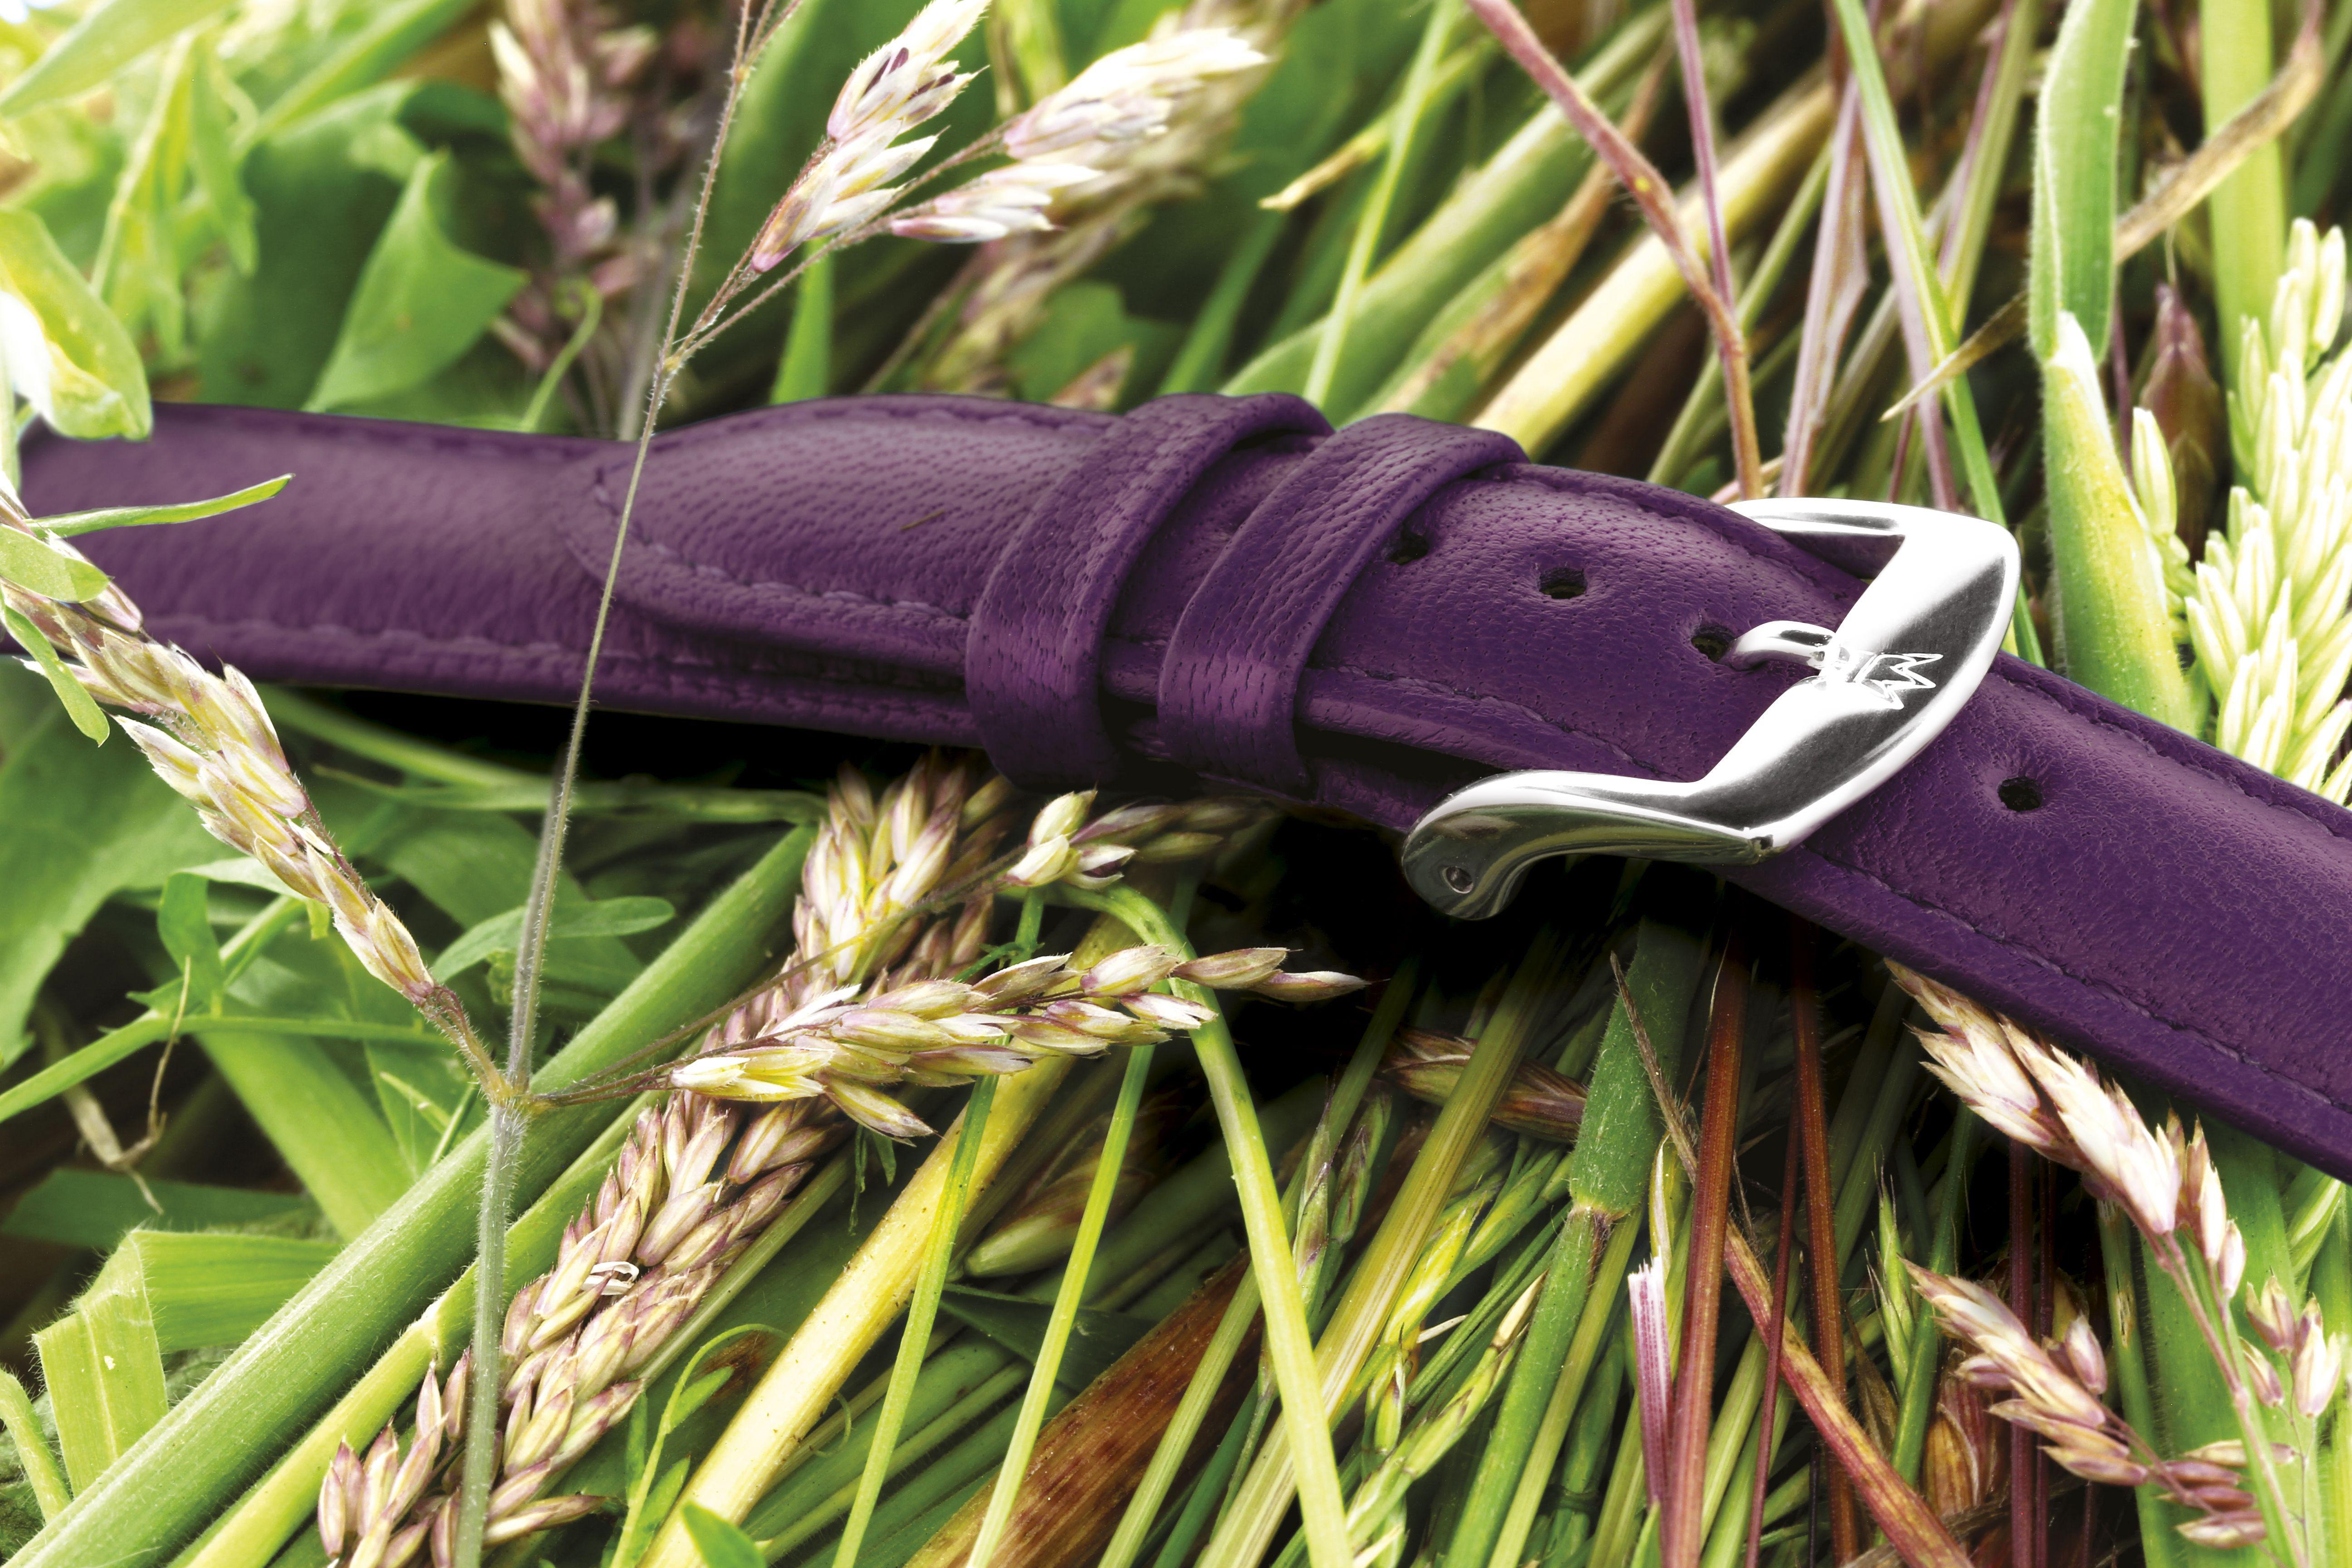 bracelet-violet-compressor.jpg#asset:9707